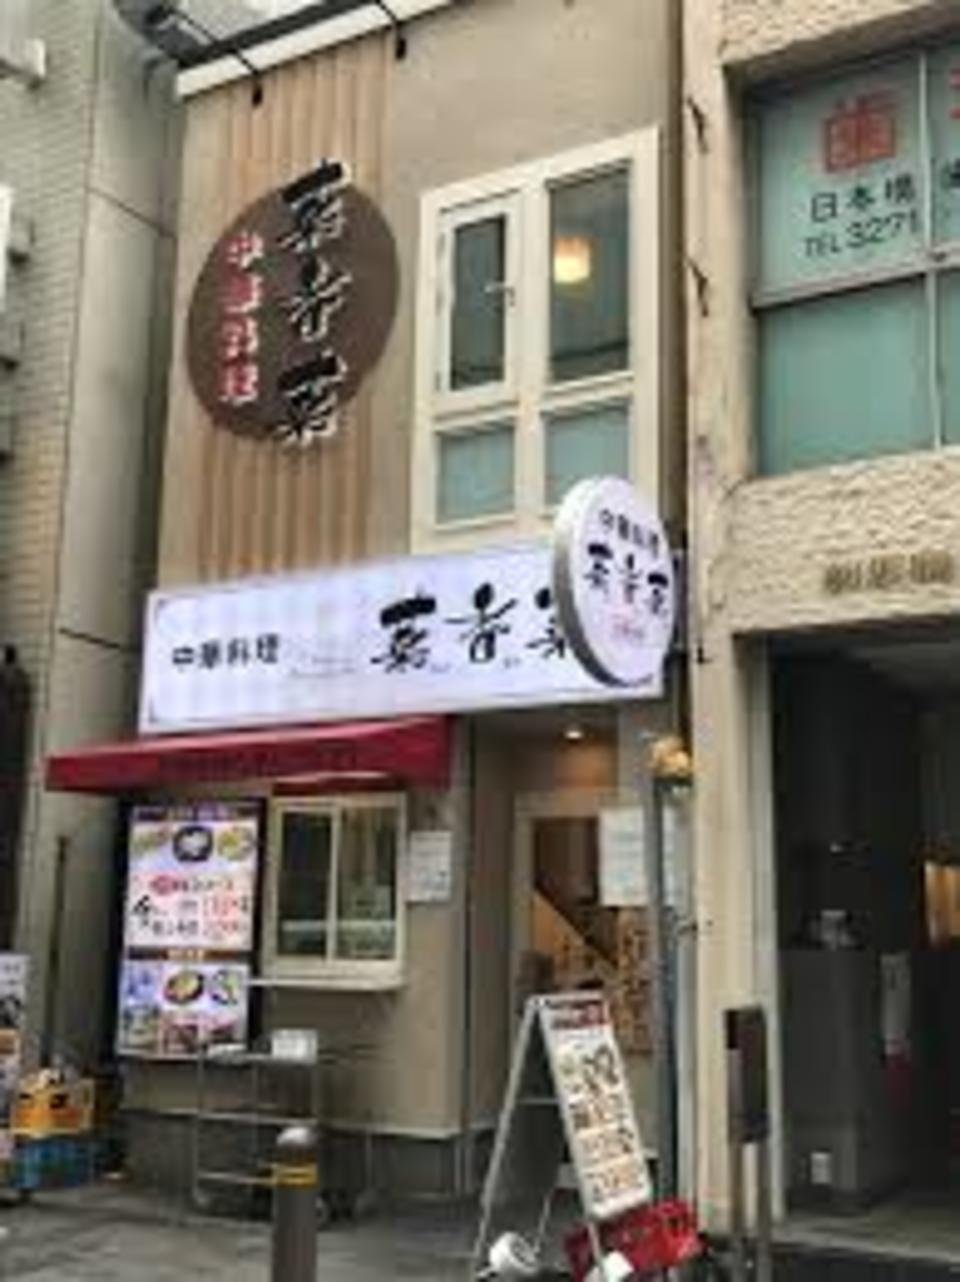 少数コン♡NEW開催場所!日本橋高島屋近くの路地にある中華料理!スーツ男性歓迎!お仕事帰りに好アクセス!世界中の上場企業が集まるエリア